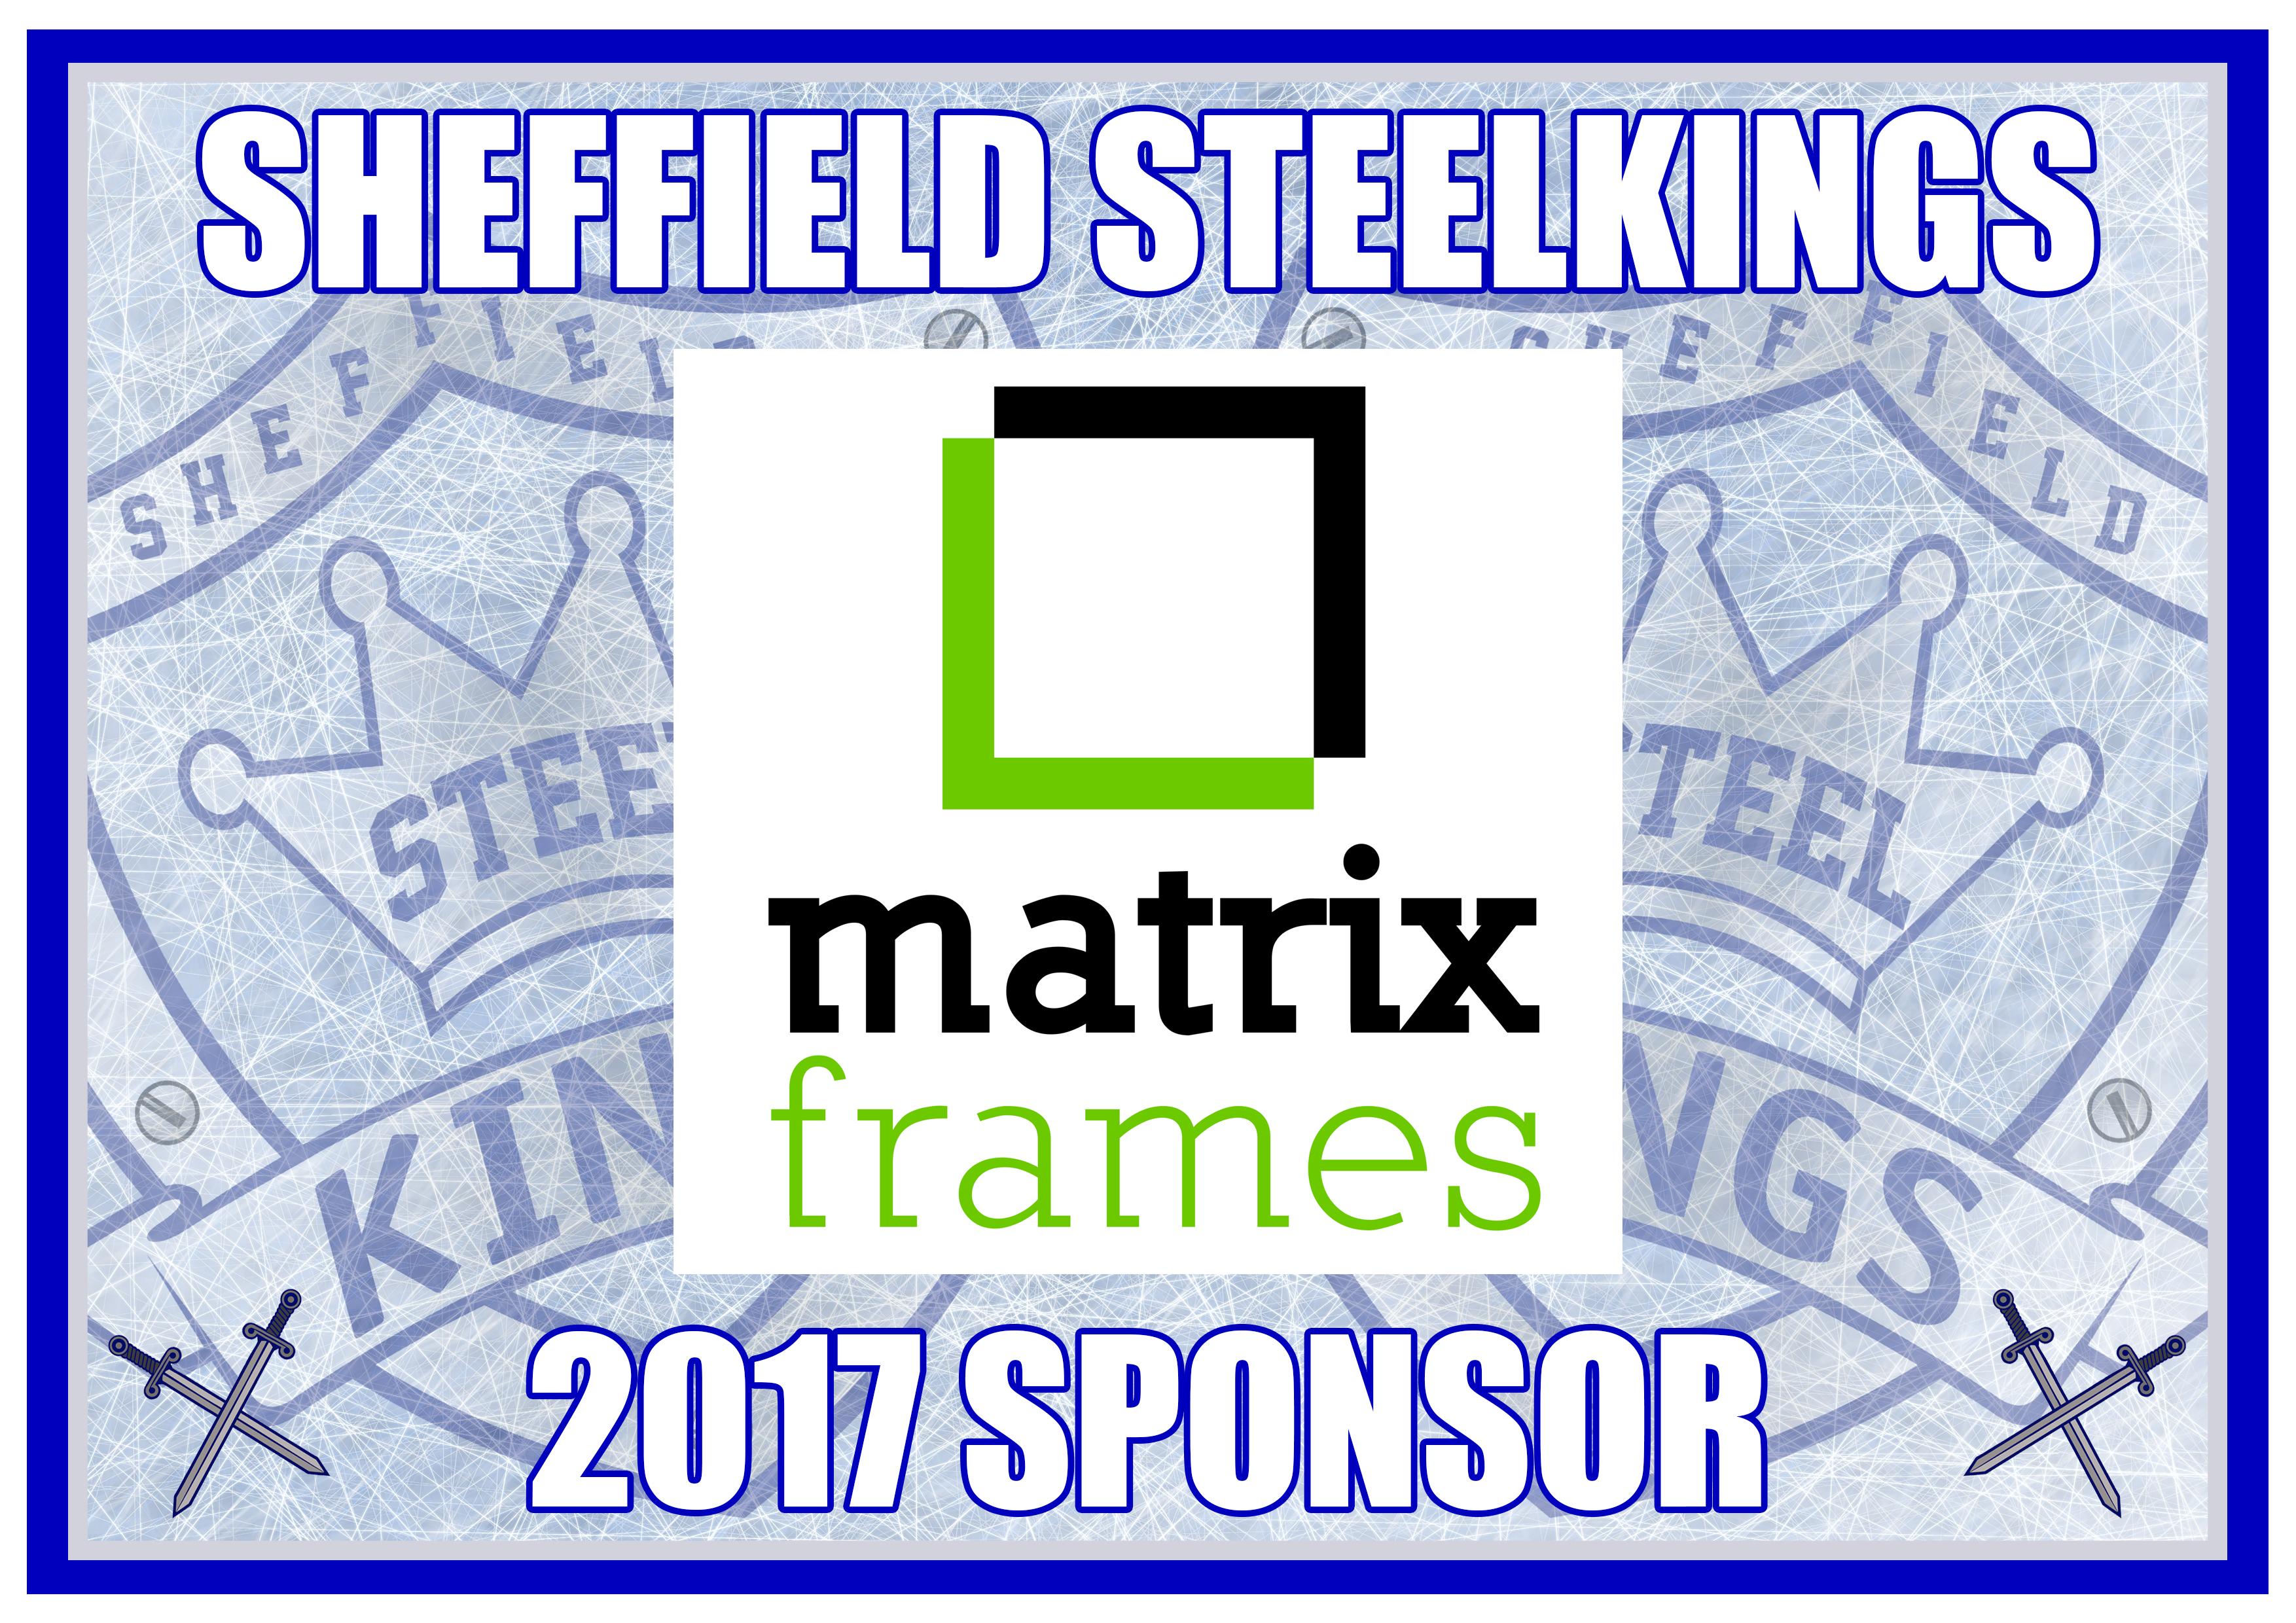 2017 Sponsor Matrix Frames.jpg